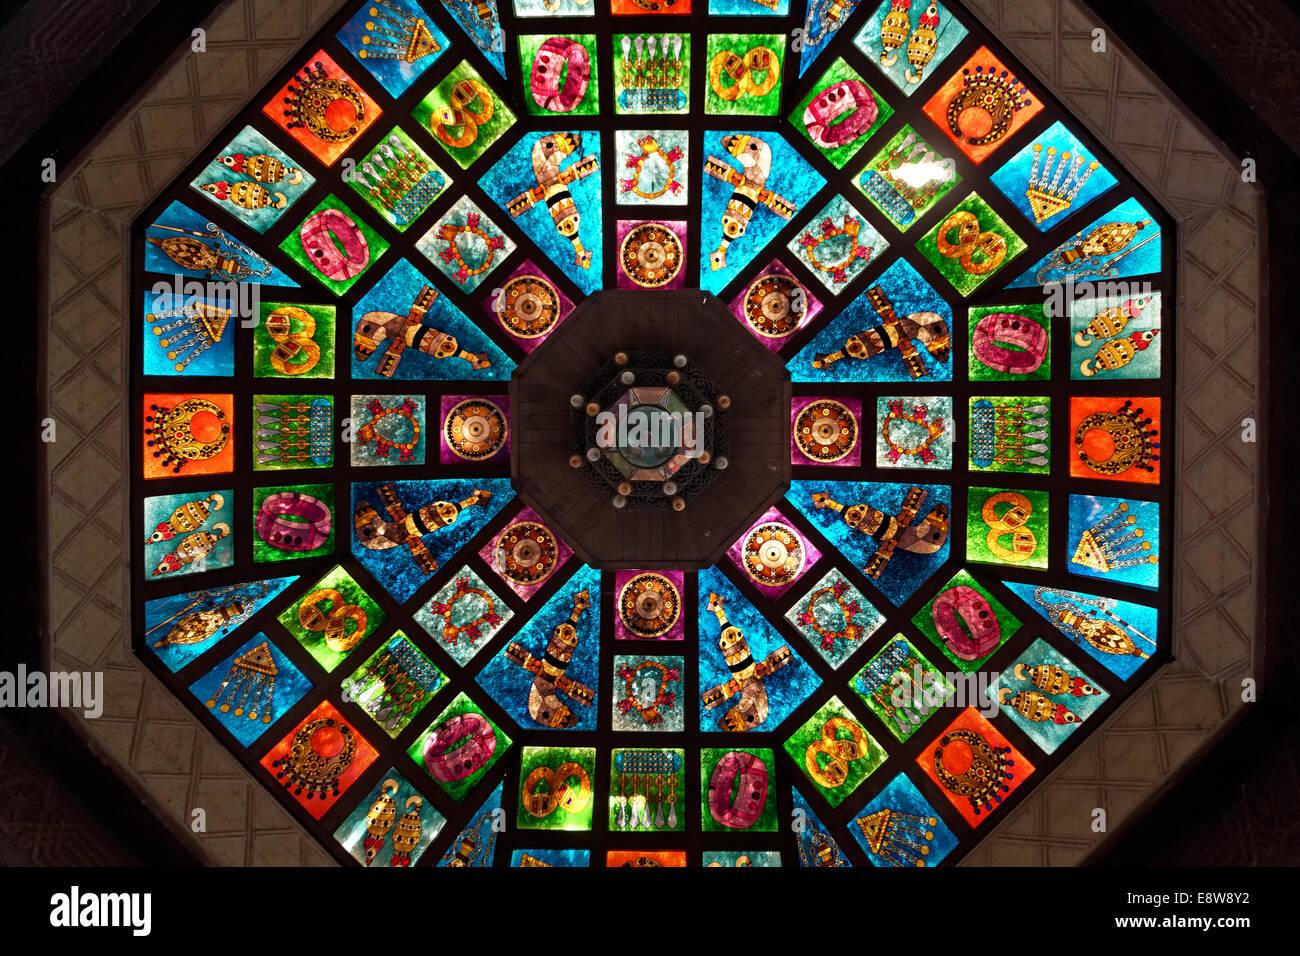 Cupola di vetro, ornano il vetro macchiato lucernario in Muttrah Souq mercato, Muttrah, Muscat Oman Immagini Stock